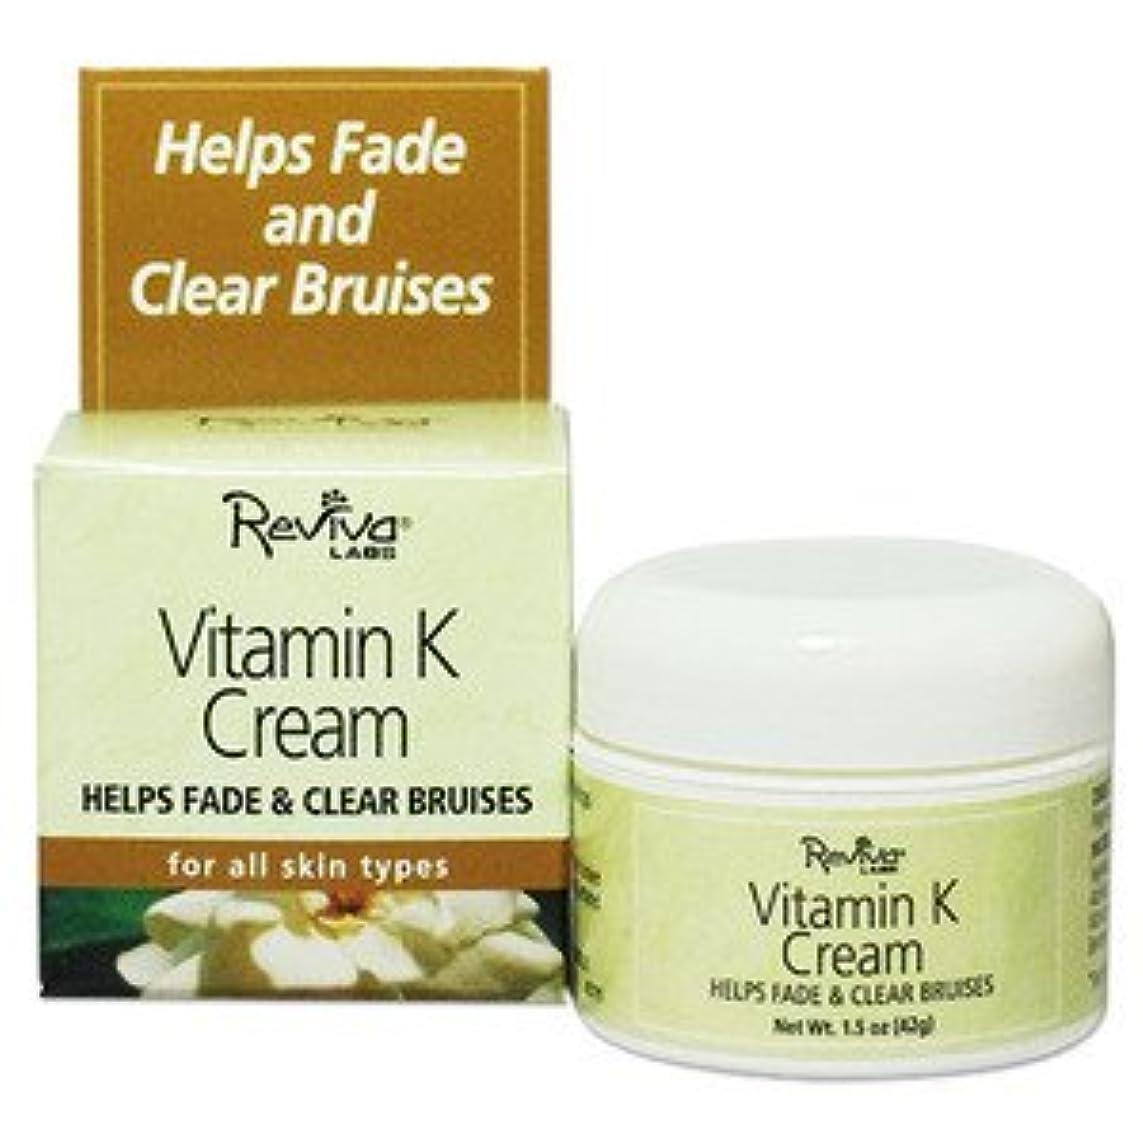 不規則性潜在的な経歴Reviva Labs レビバ社 Vitamin K Cream  (42 g)  ビタミンK クリーム 海外直送品